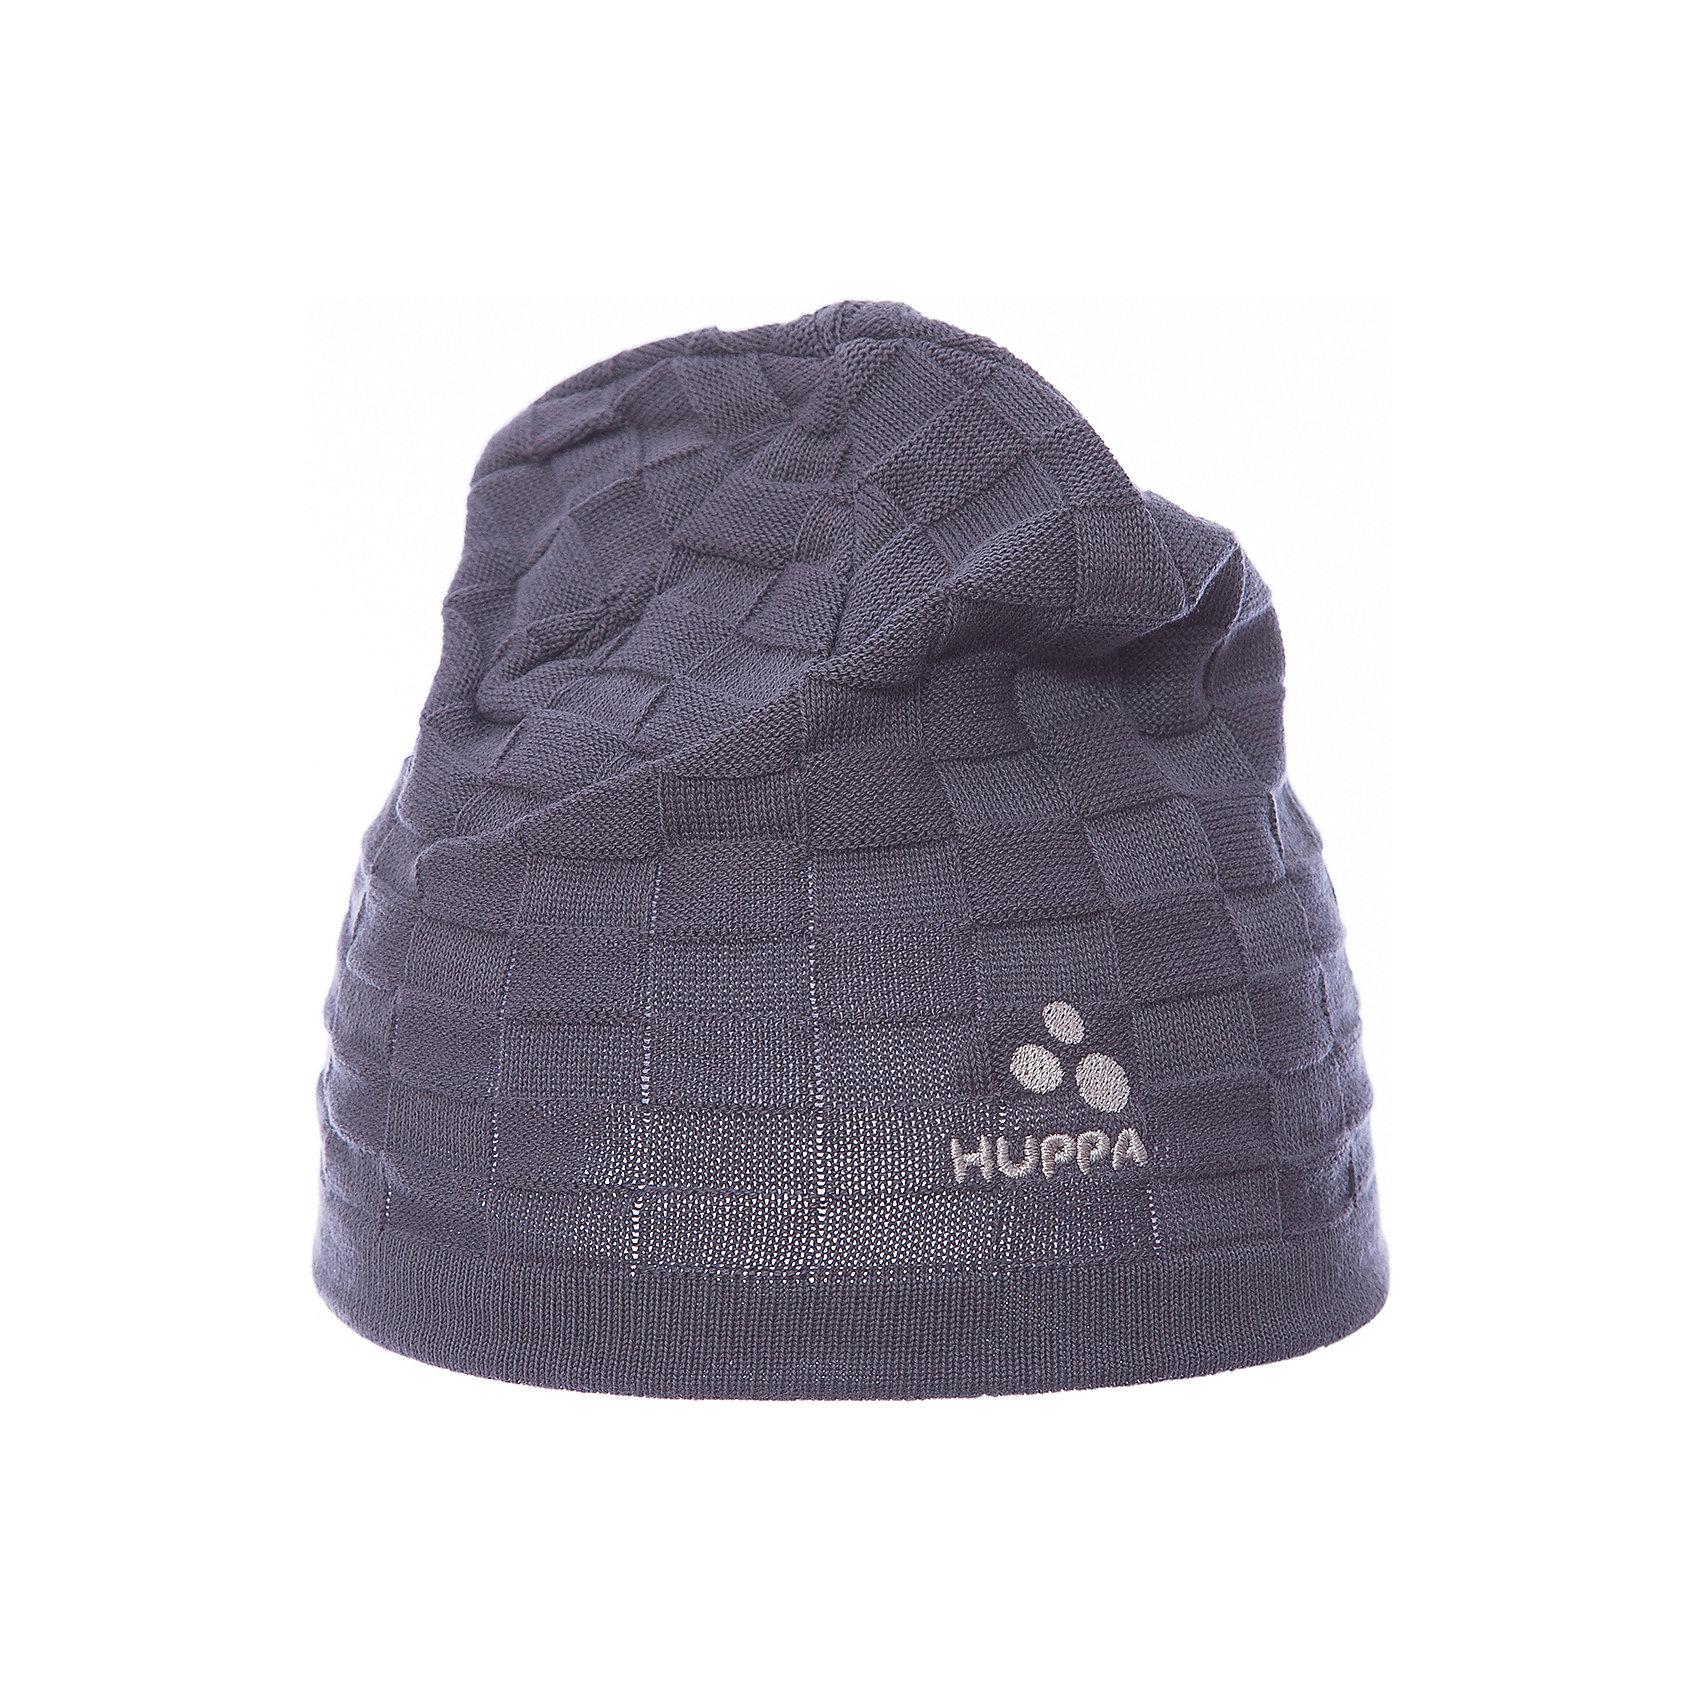 Шапка PEEP HuppaХарактеристики товара:<br><br>• цвет: серый<br>• состав: 100% хлопок<br>• температурный режим: от 0°до +10°С<br>• демисезонная<br>• логотип<br>• комфортная посадка<br>• мягкий материал<br>• коллекция: весна-лето 2017<br>• страна бренда: Эстония<br><br>Эта шапка обеспечит детям тепло и комфорт. Она сделана из приятного на ощупь дышащего и гипоаллергенного хлопка. Шапка очень симпатично смотрится, а дизайн и расцветка позволяют сочетать её с различной одеждой. Модель была разработана специально для детей.<br><br>Одежда и обувь от популярного эстонского бренда Huppa - отличный вариант одеть ребенка можно и комфортно. Вещи, выпускаемые компанией, качественные, продуманные и очень удобные. Для производства изделий используются только безопасные для детей материалы. Продукция от Huppa порадует и детей, и их родителей!<br><br>Шапку PEEP от бренда Huppa (Хуппа) можно купить в нашем интернет-магазине.<br><br>Ширина мм: 89<br>Глубина мм: 117<br>Высота мм: 44<br>Вес г: 155<br>Цвет: серый<br>Возраст от месяцев: 12<br>Возраст до месяцев: 24<br>Пол: Унисекс<br>Возраст: Детский<br>Размер: 47-49,55-57,51-53<br>SKU: 5347789